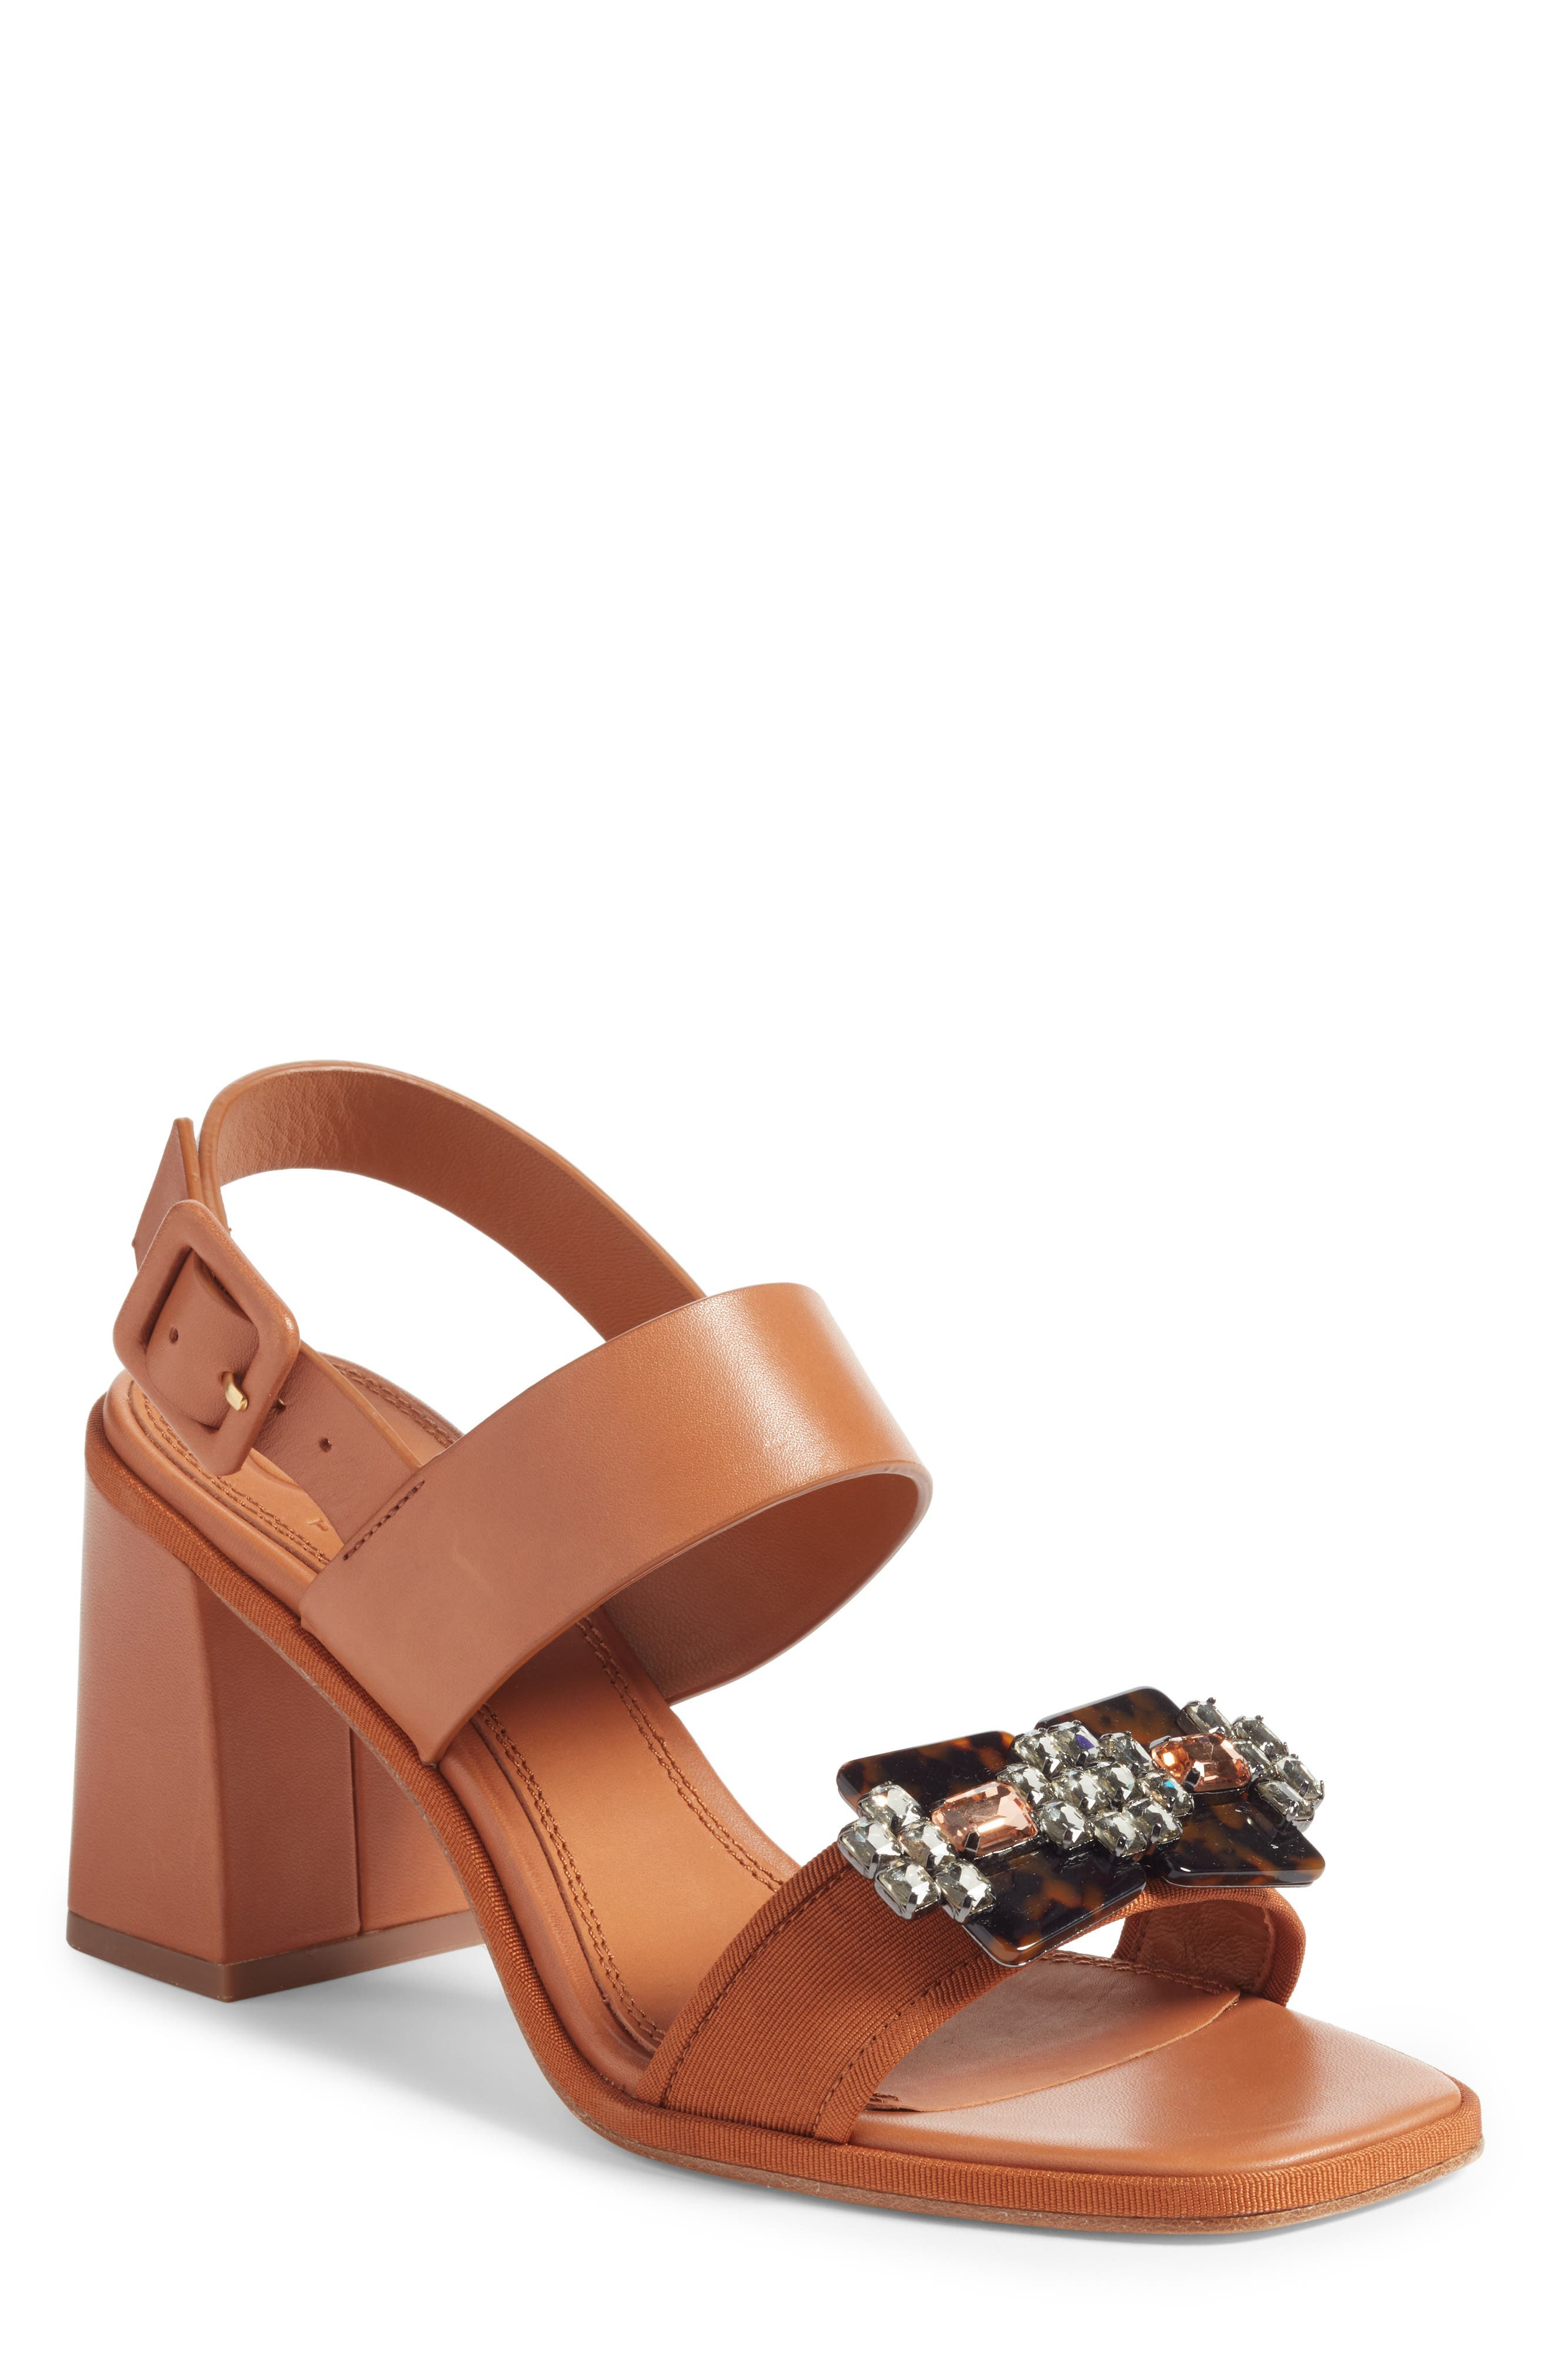 Delaney Embellished Double Strap Sandal,                         Main,                         color,